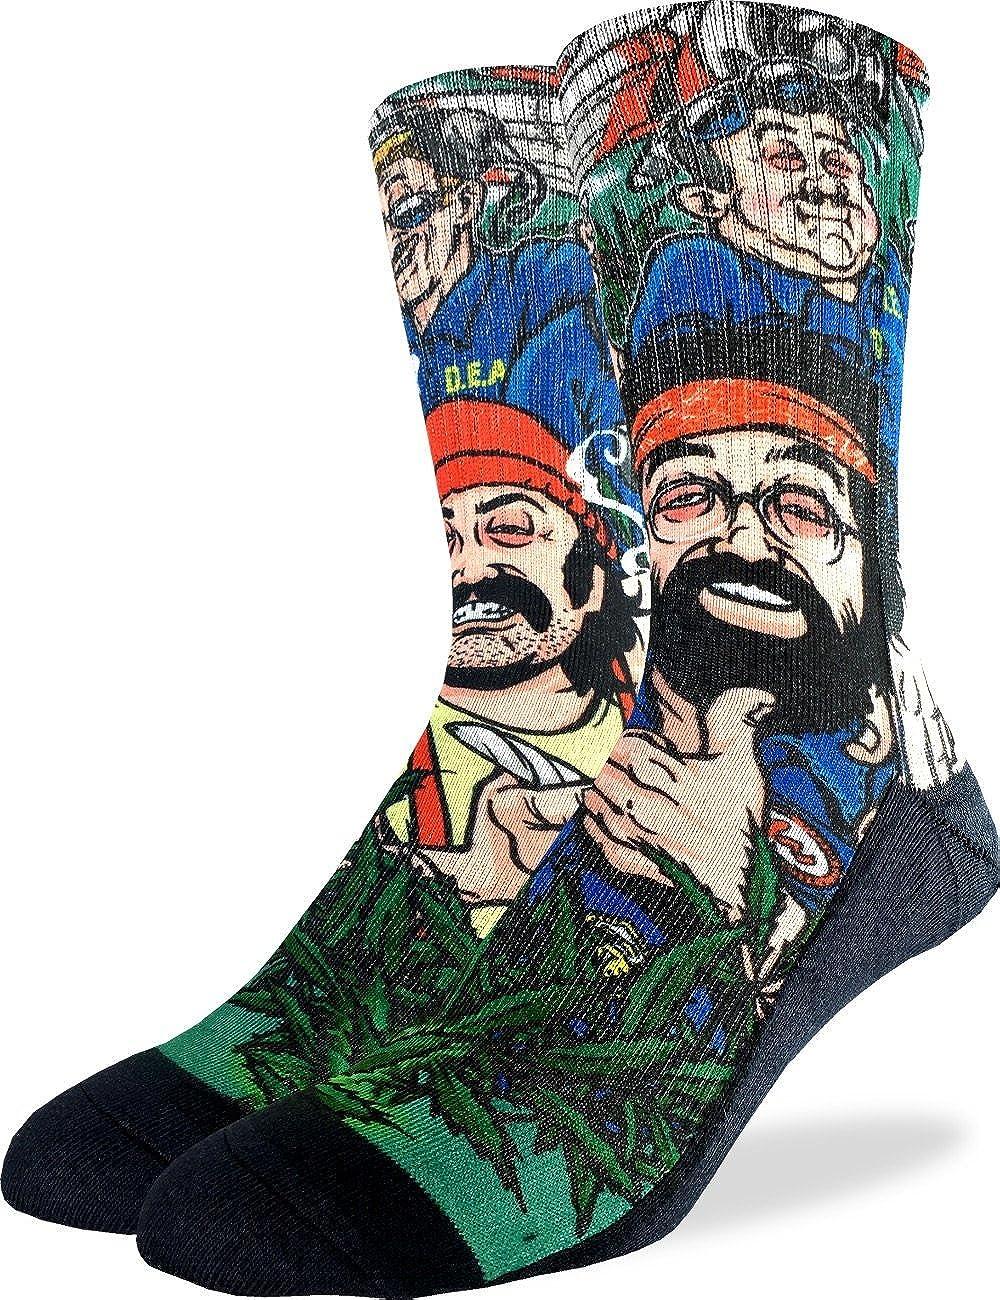 Good Luck Sock Men's Cheech & Chong DEA Crew Socks - Adult Shoe Size 8-13 4104